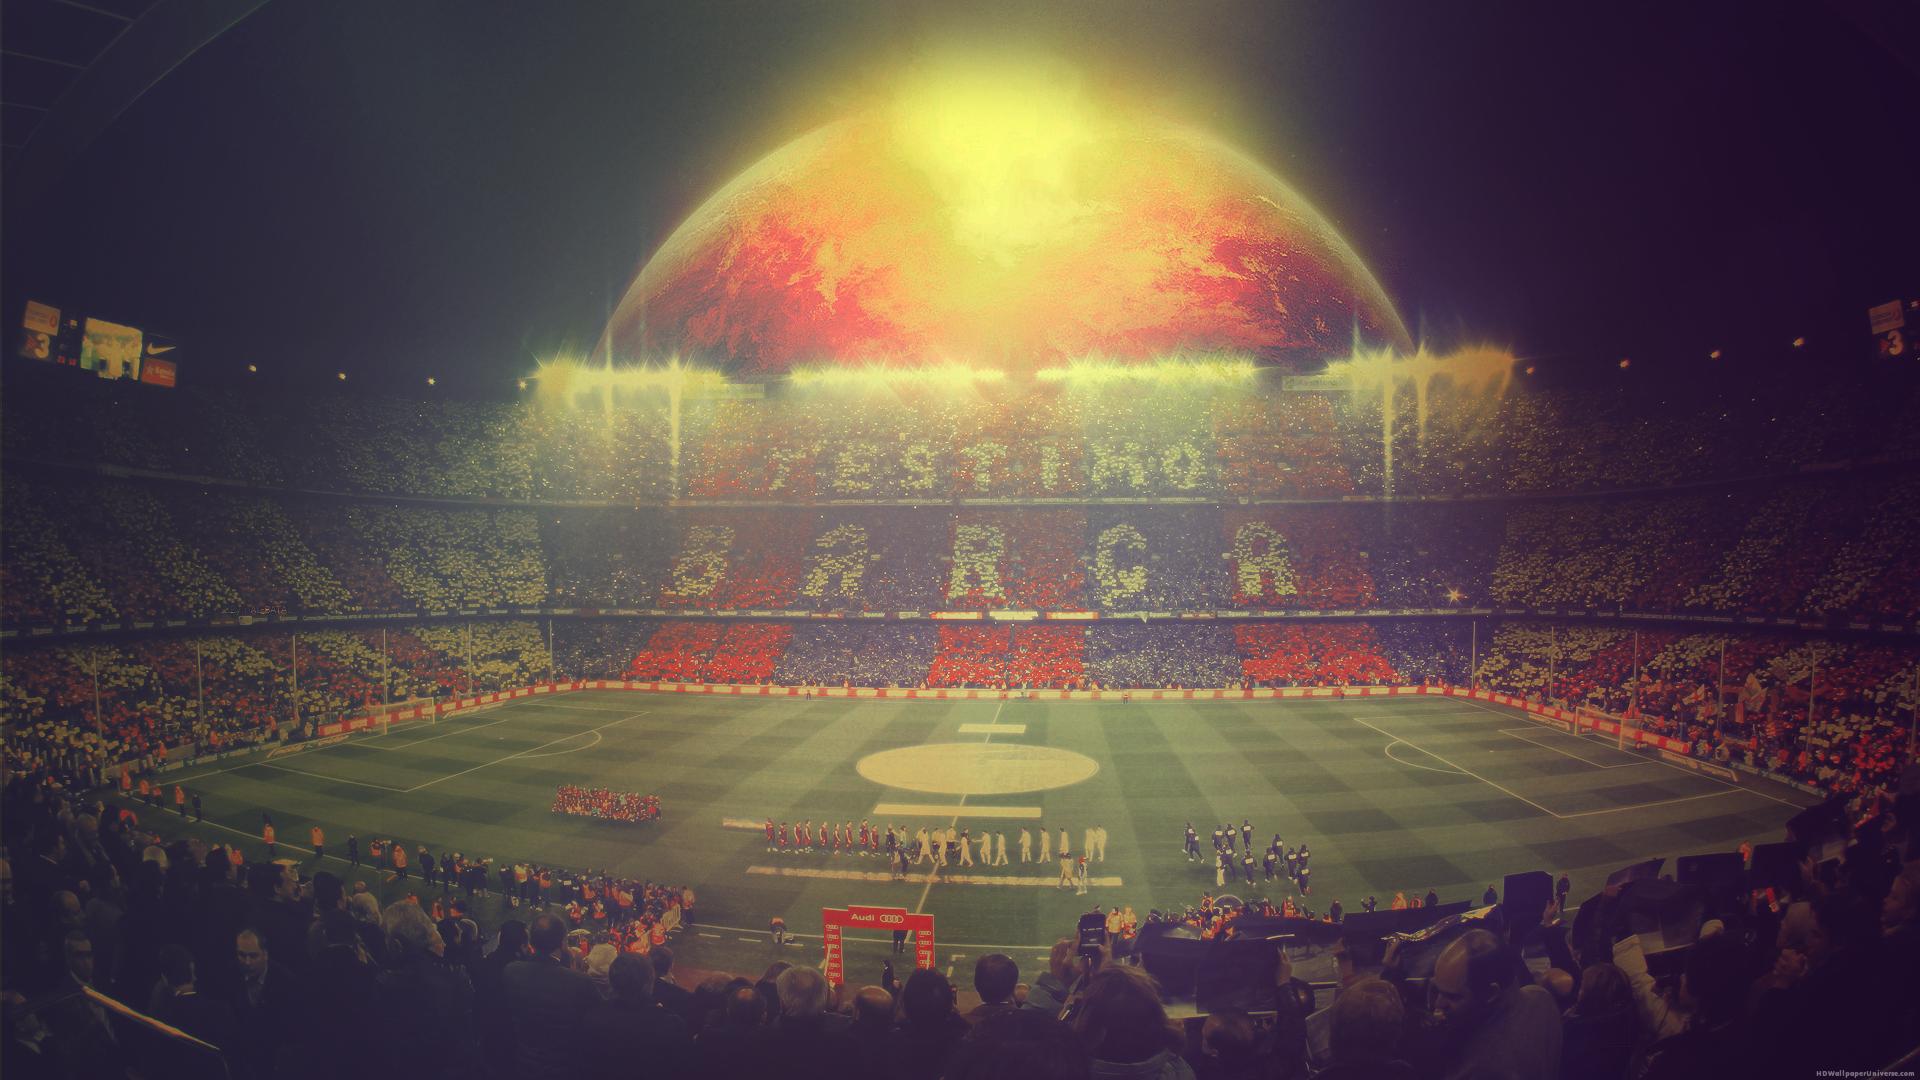 Barcelona camp nou stadium hd wallpaper http www - Camp nou barcelona wallpapers hd ...